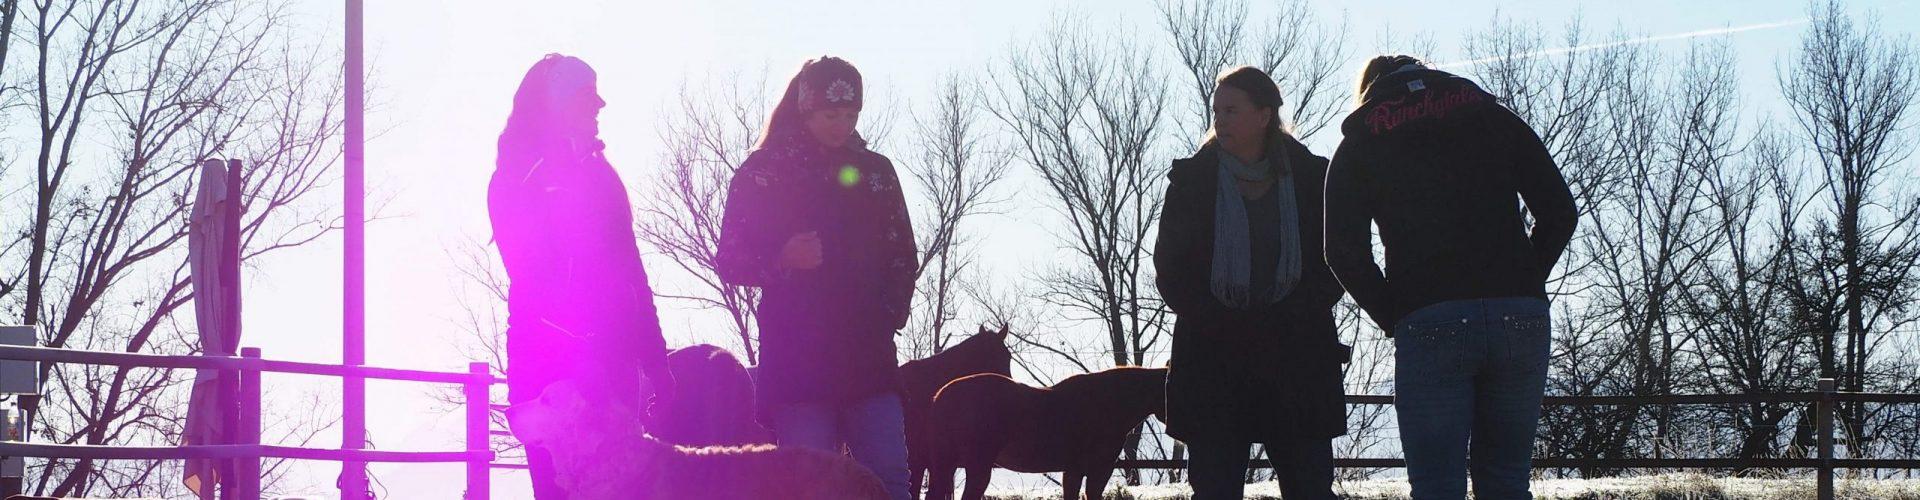 Coachingsituation mit 4 Menschen und Pferden im Hintergund